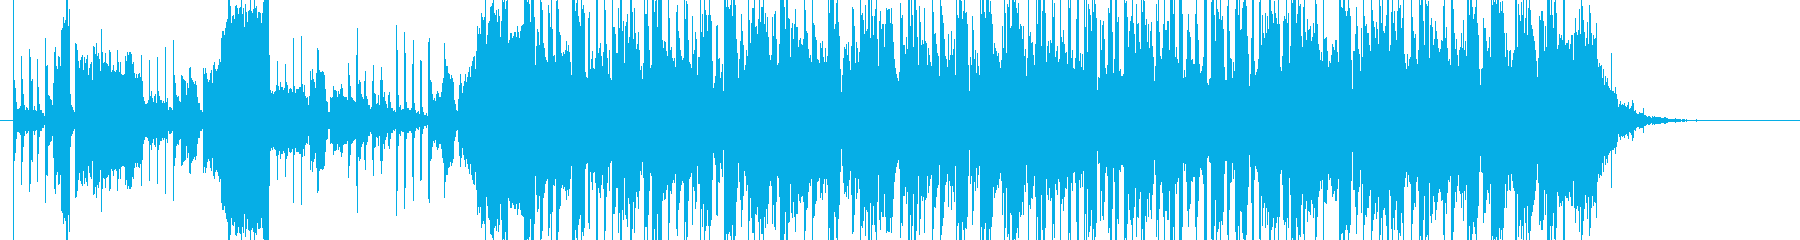 メカニックな雰囲気のサウンドロゴの再生済みの波形